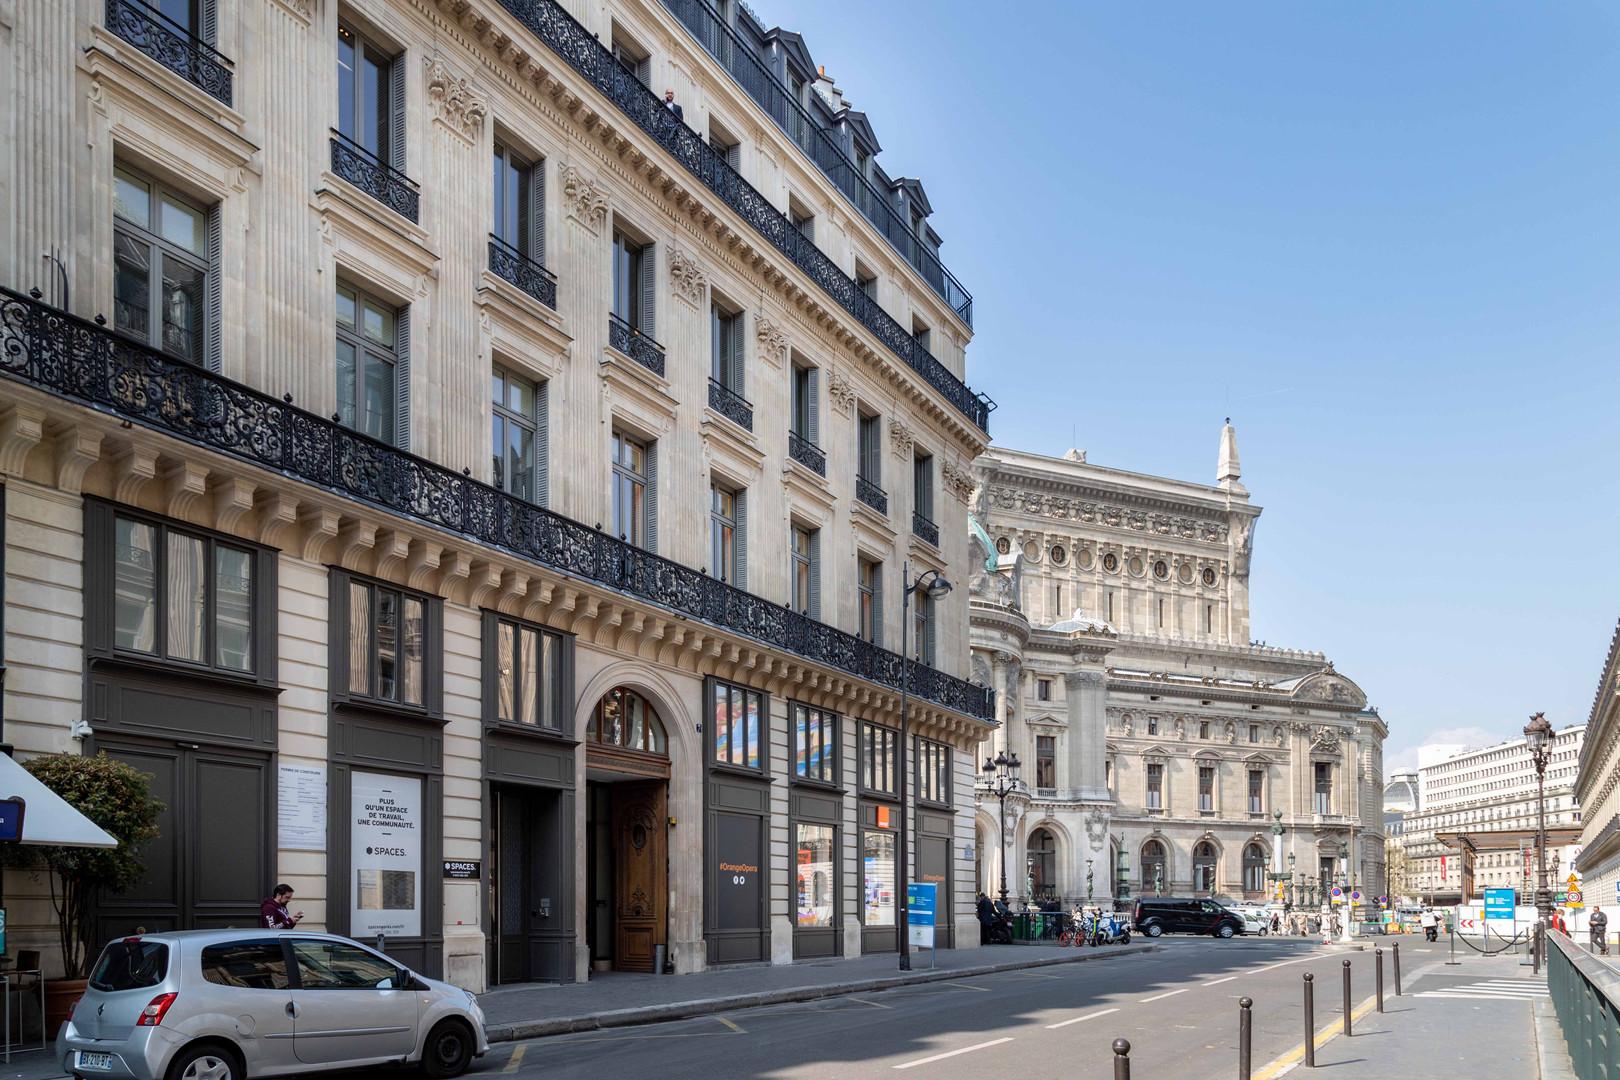 Paris, Lobjoy-Bouvier-Boisseau Architecture